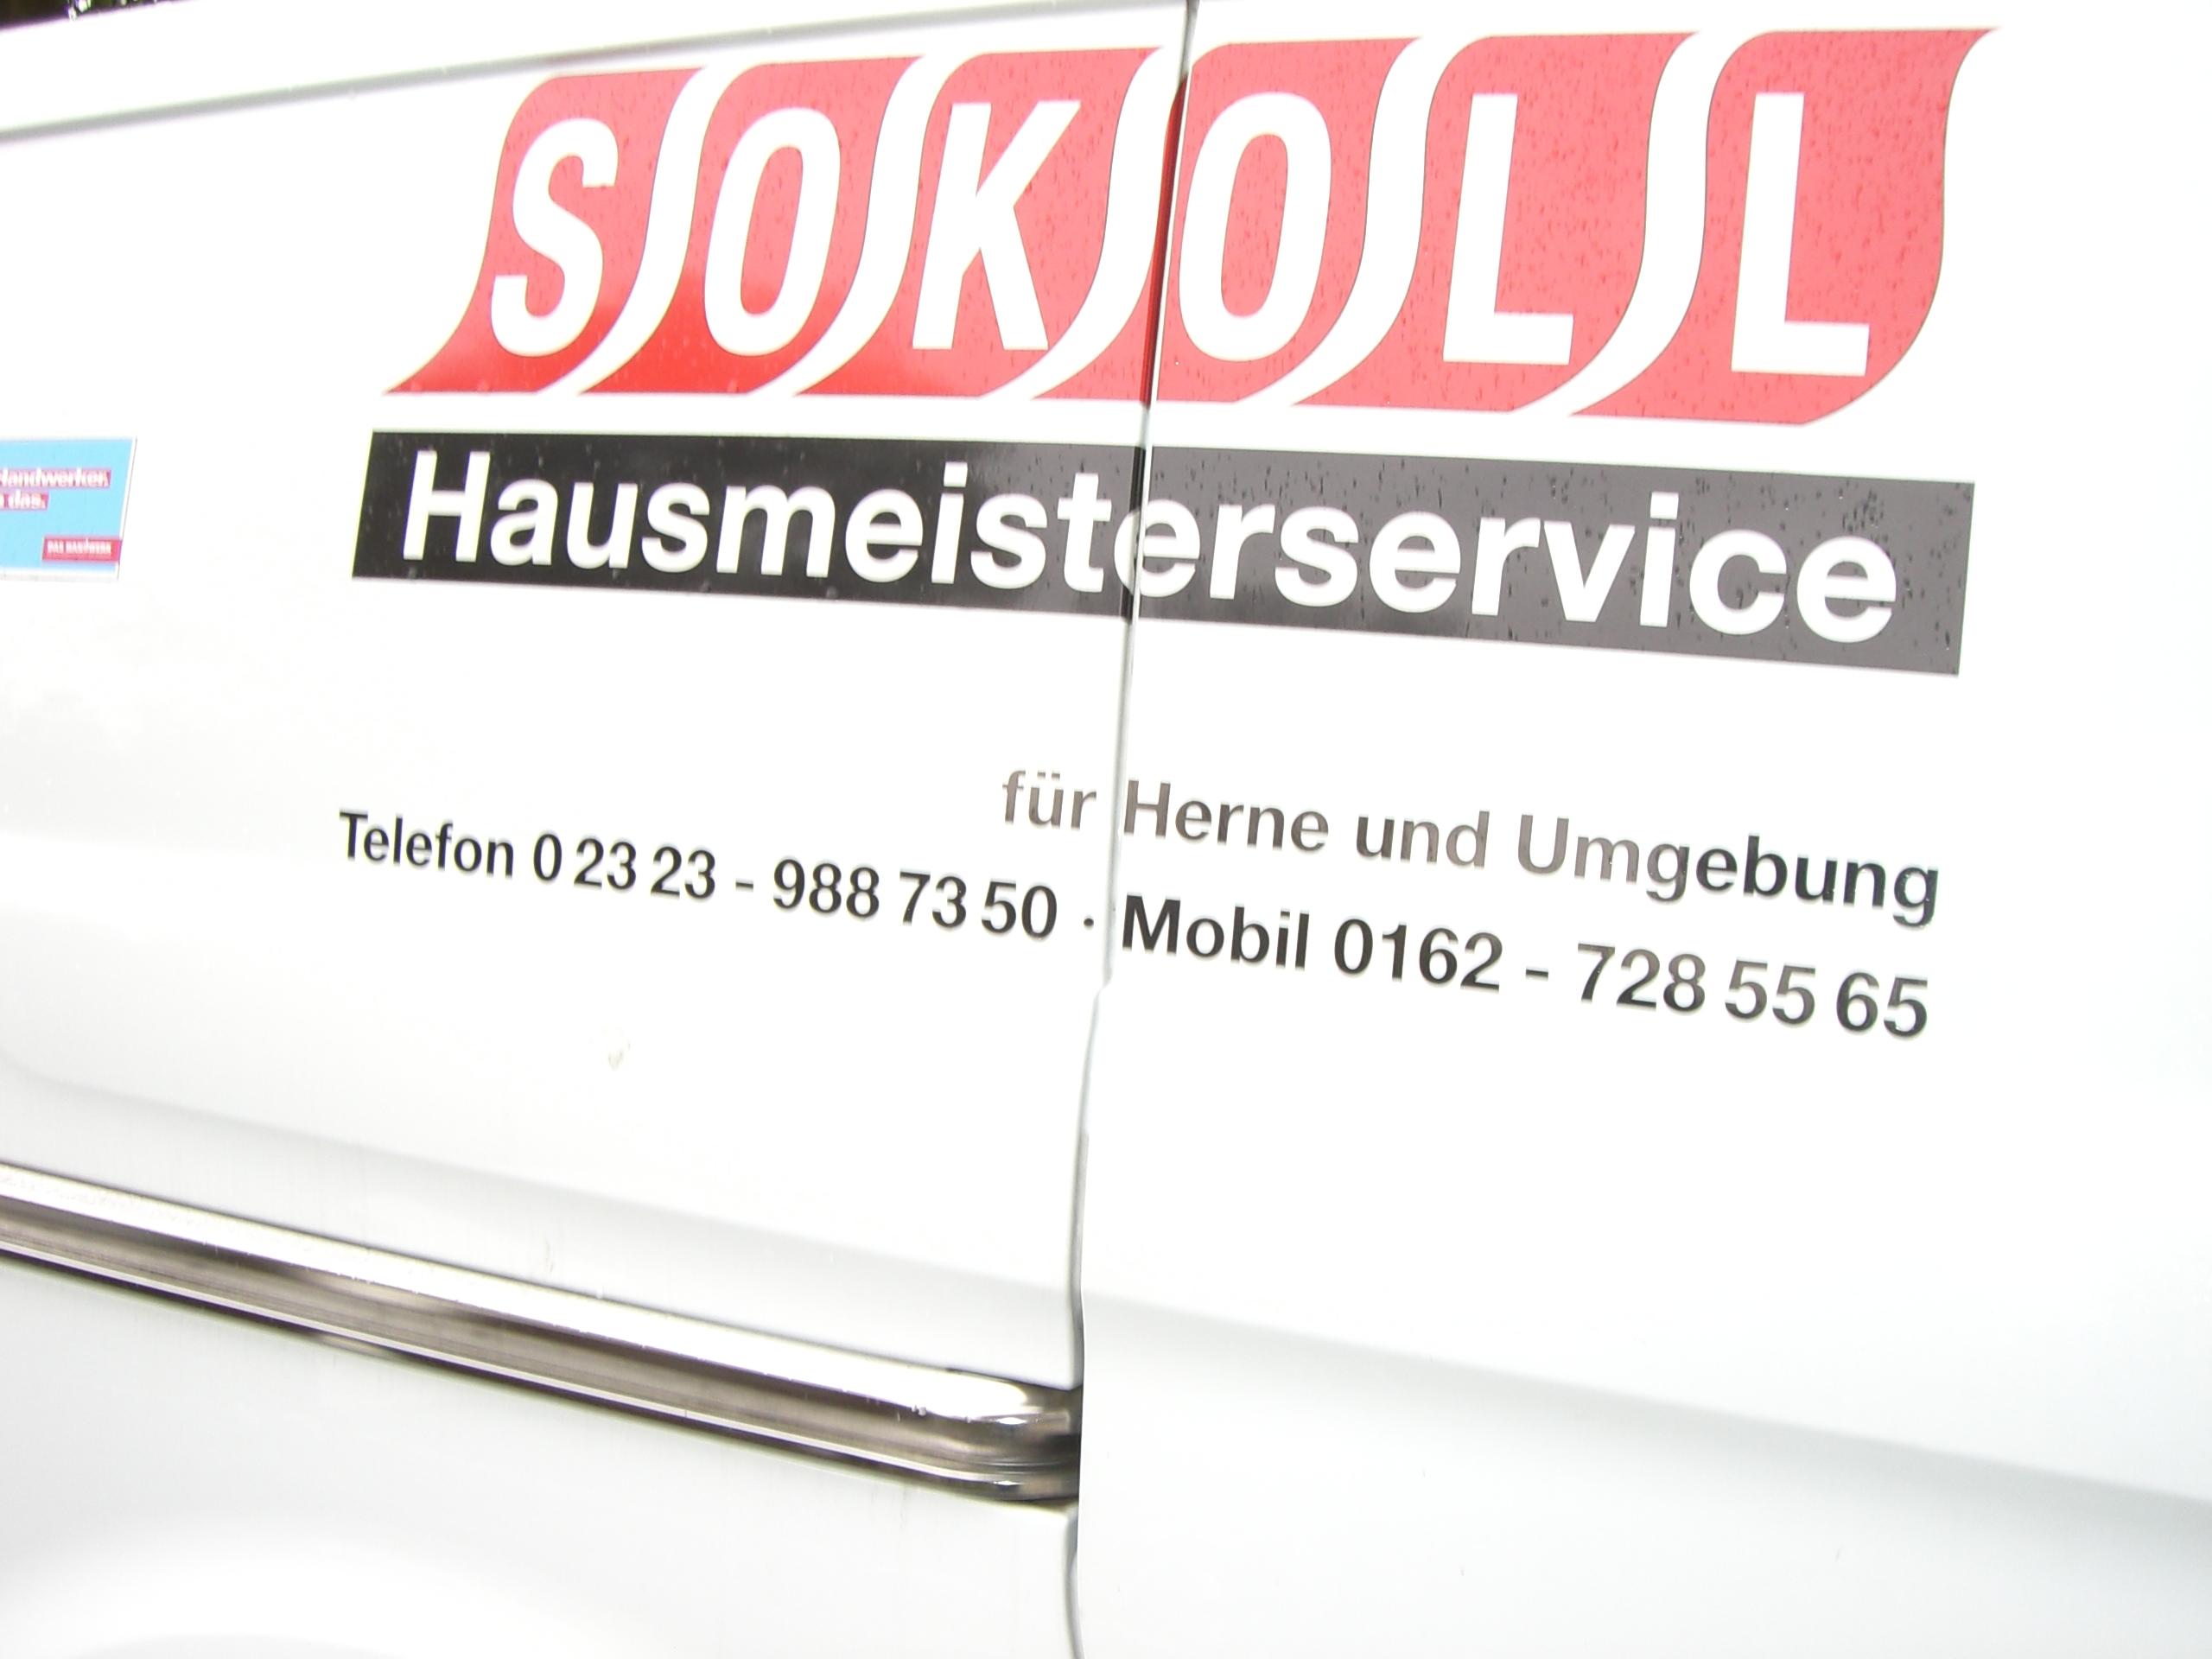 Hausmeisterservice Sokoll